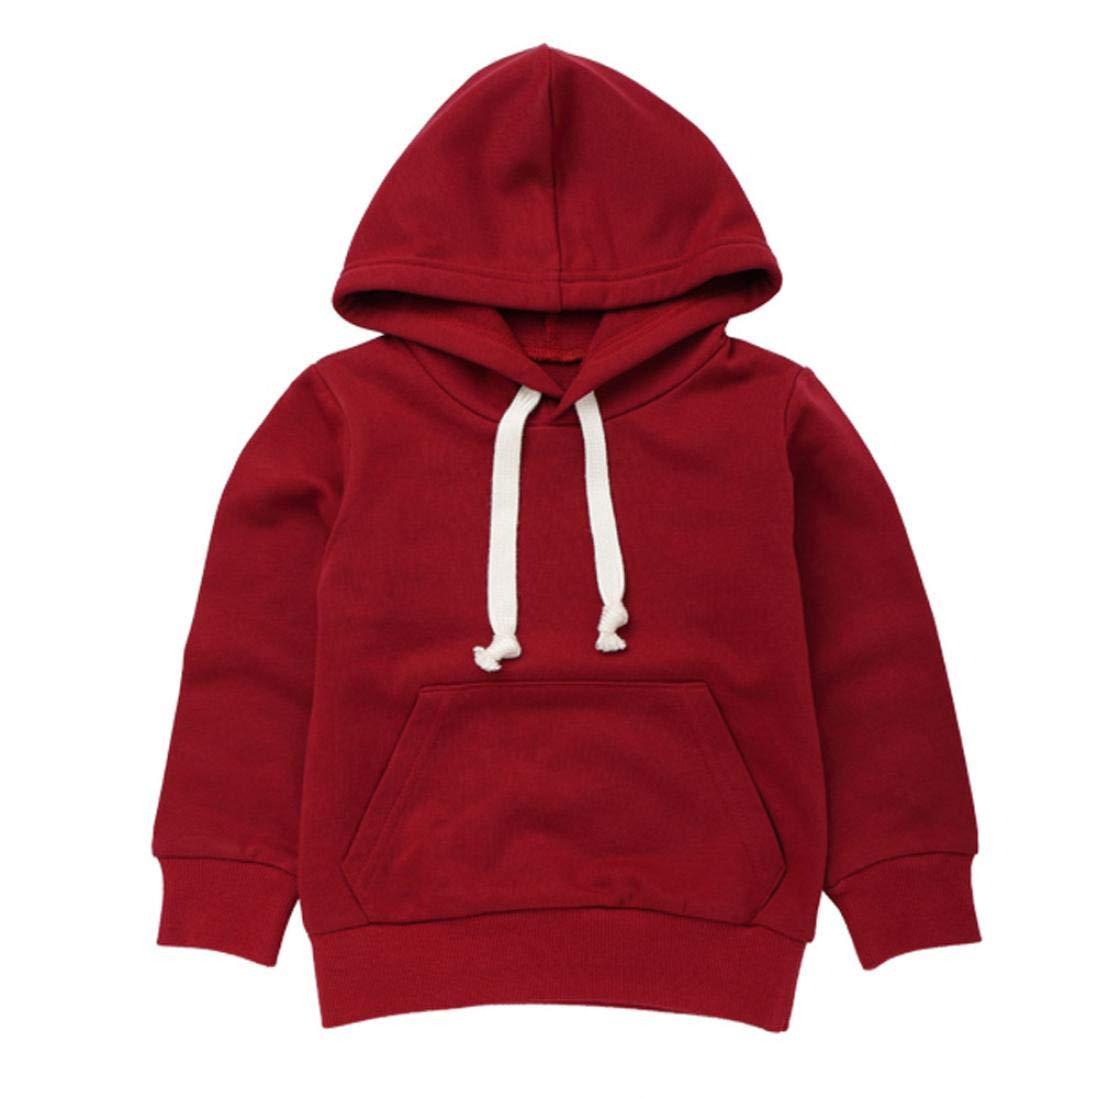 Matoen Toddler Infant Baby Boys Girls Soild Color Cute Hooded Sweatshirt Tops